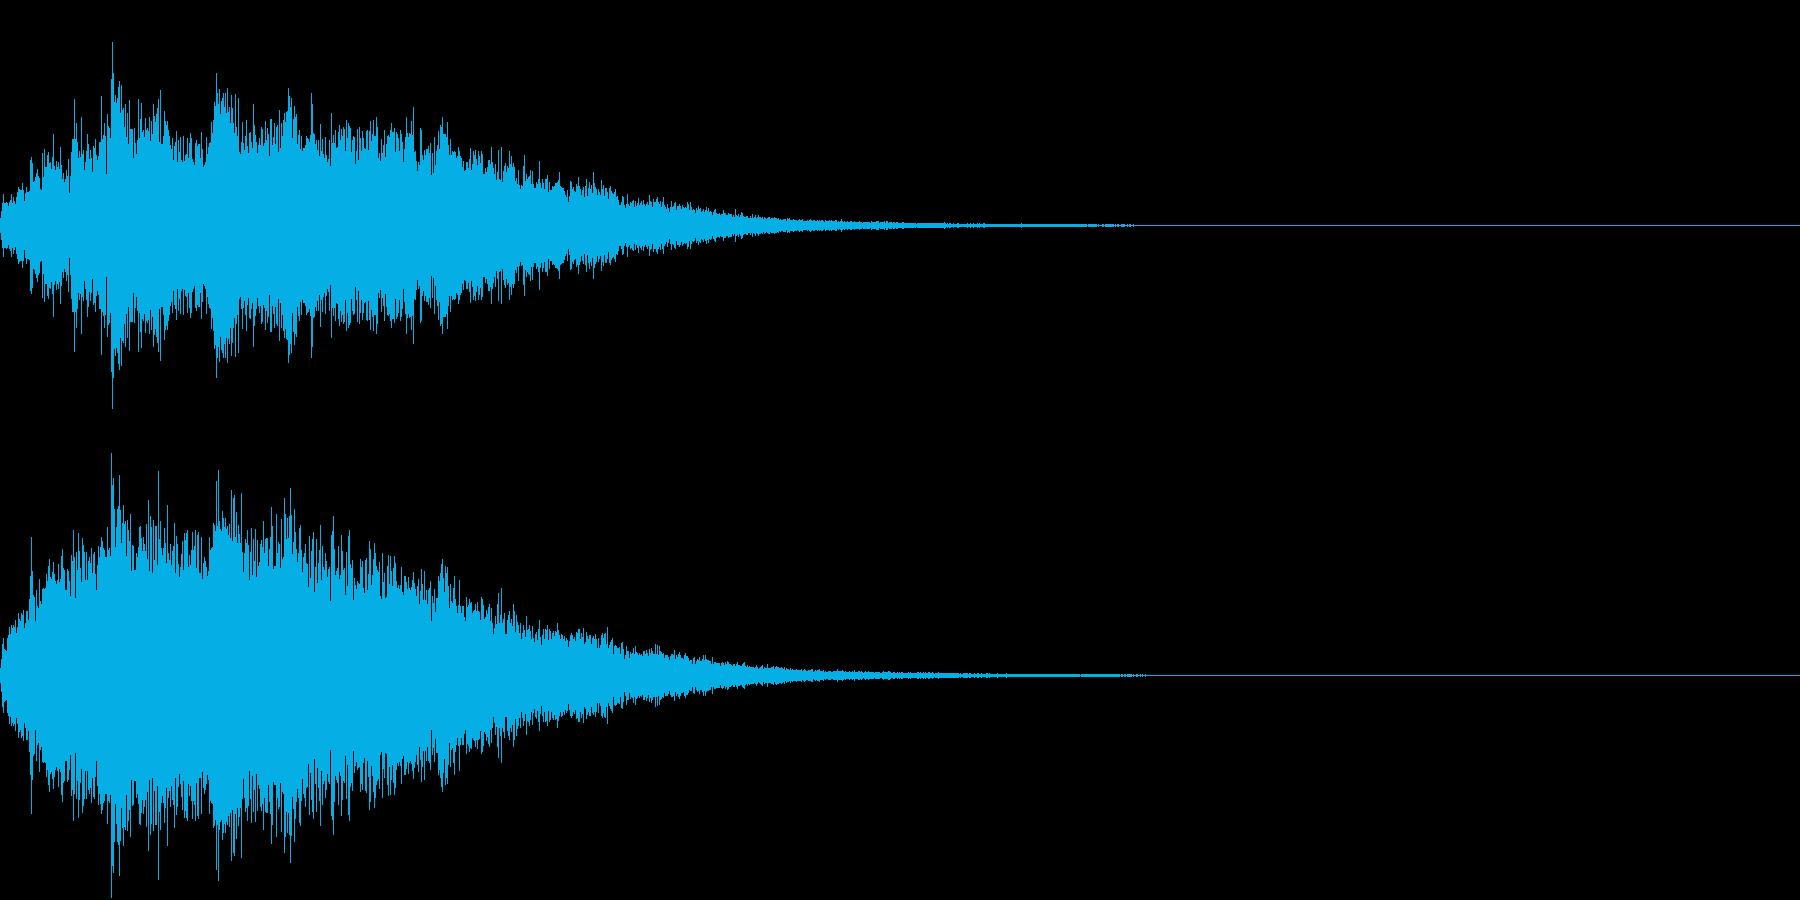 キラキラ 変化 おまじない 魔法 08の再生済みの波形